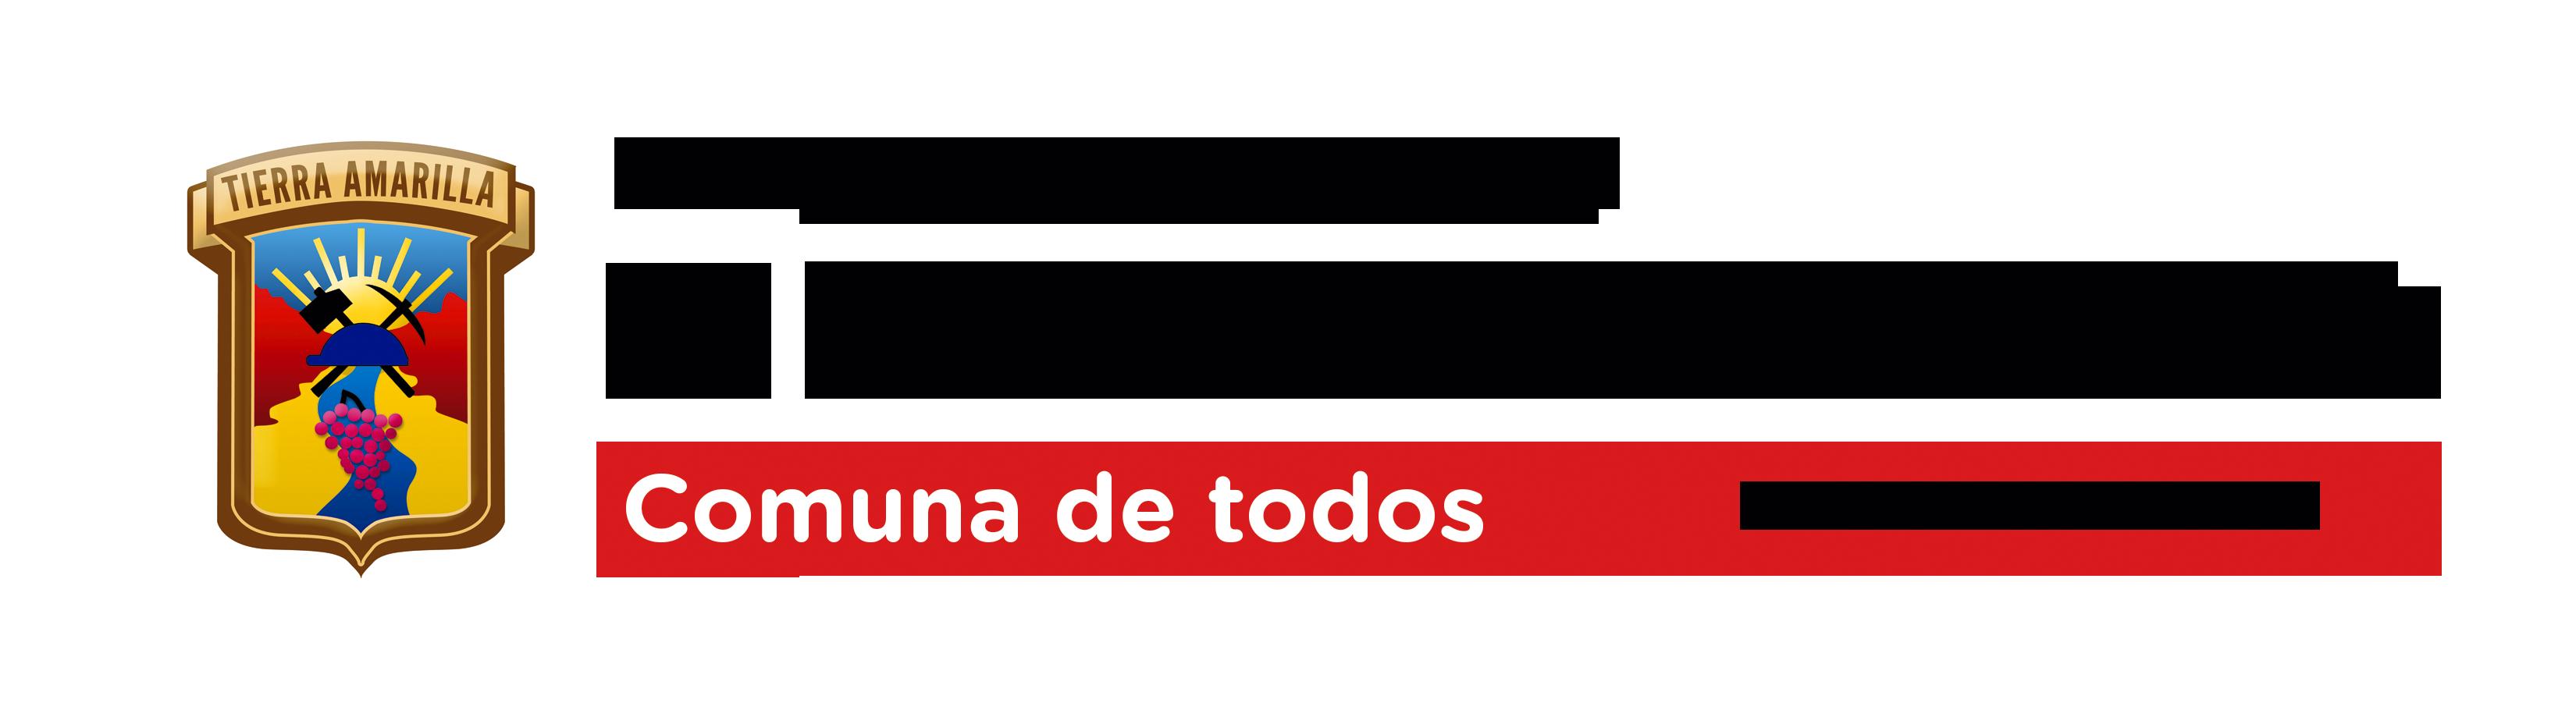 Municipalidad Tierra Amarilla